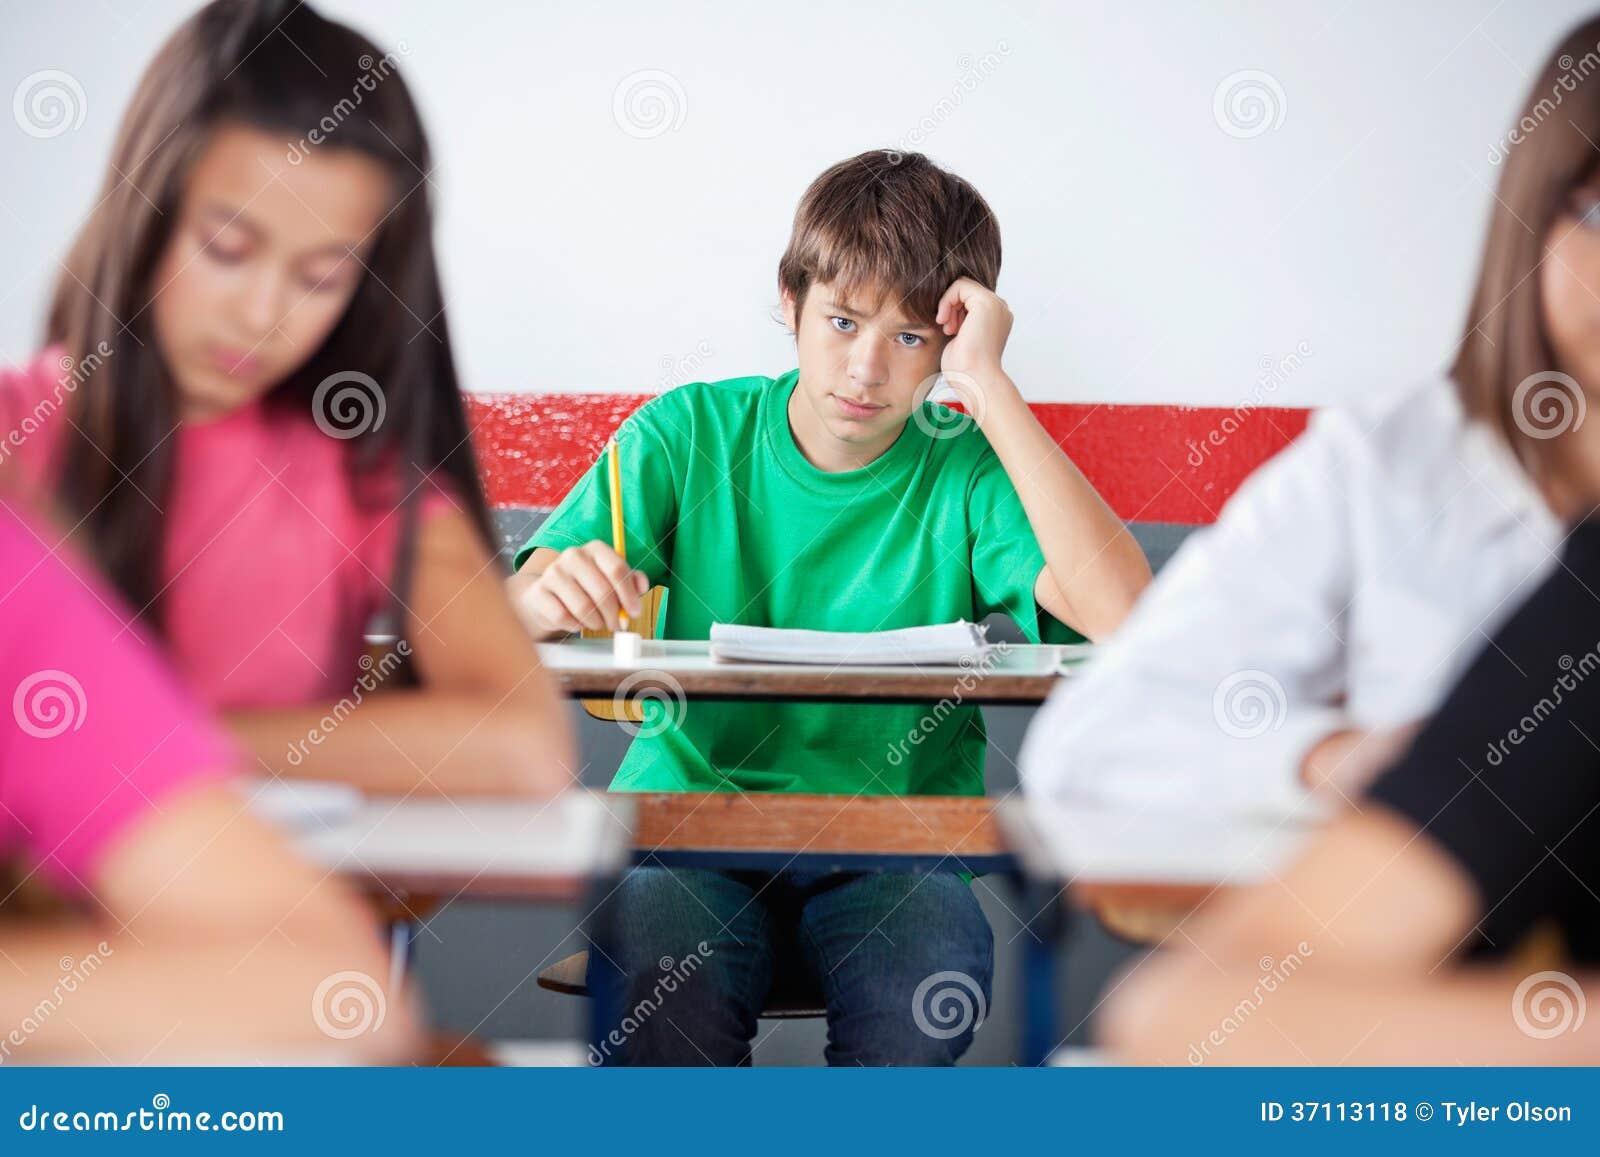 Étudiant masculin adolescent Leaning On Desk à la salle de classe